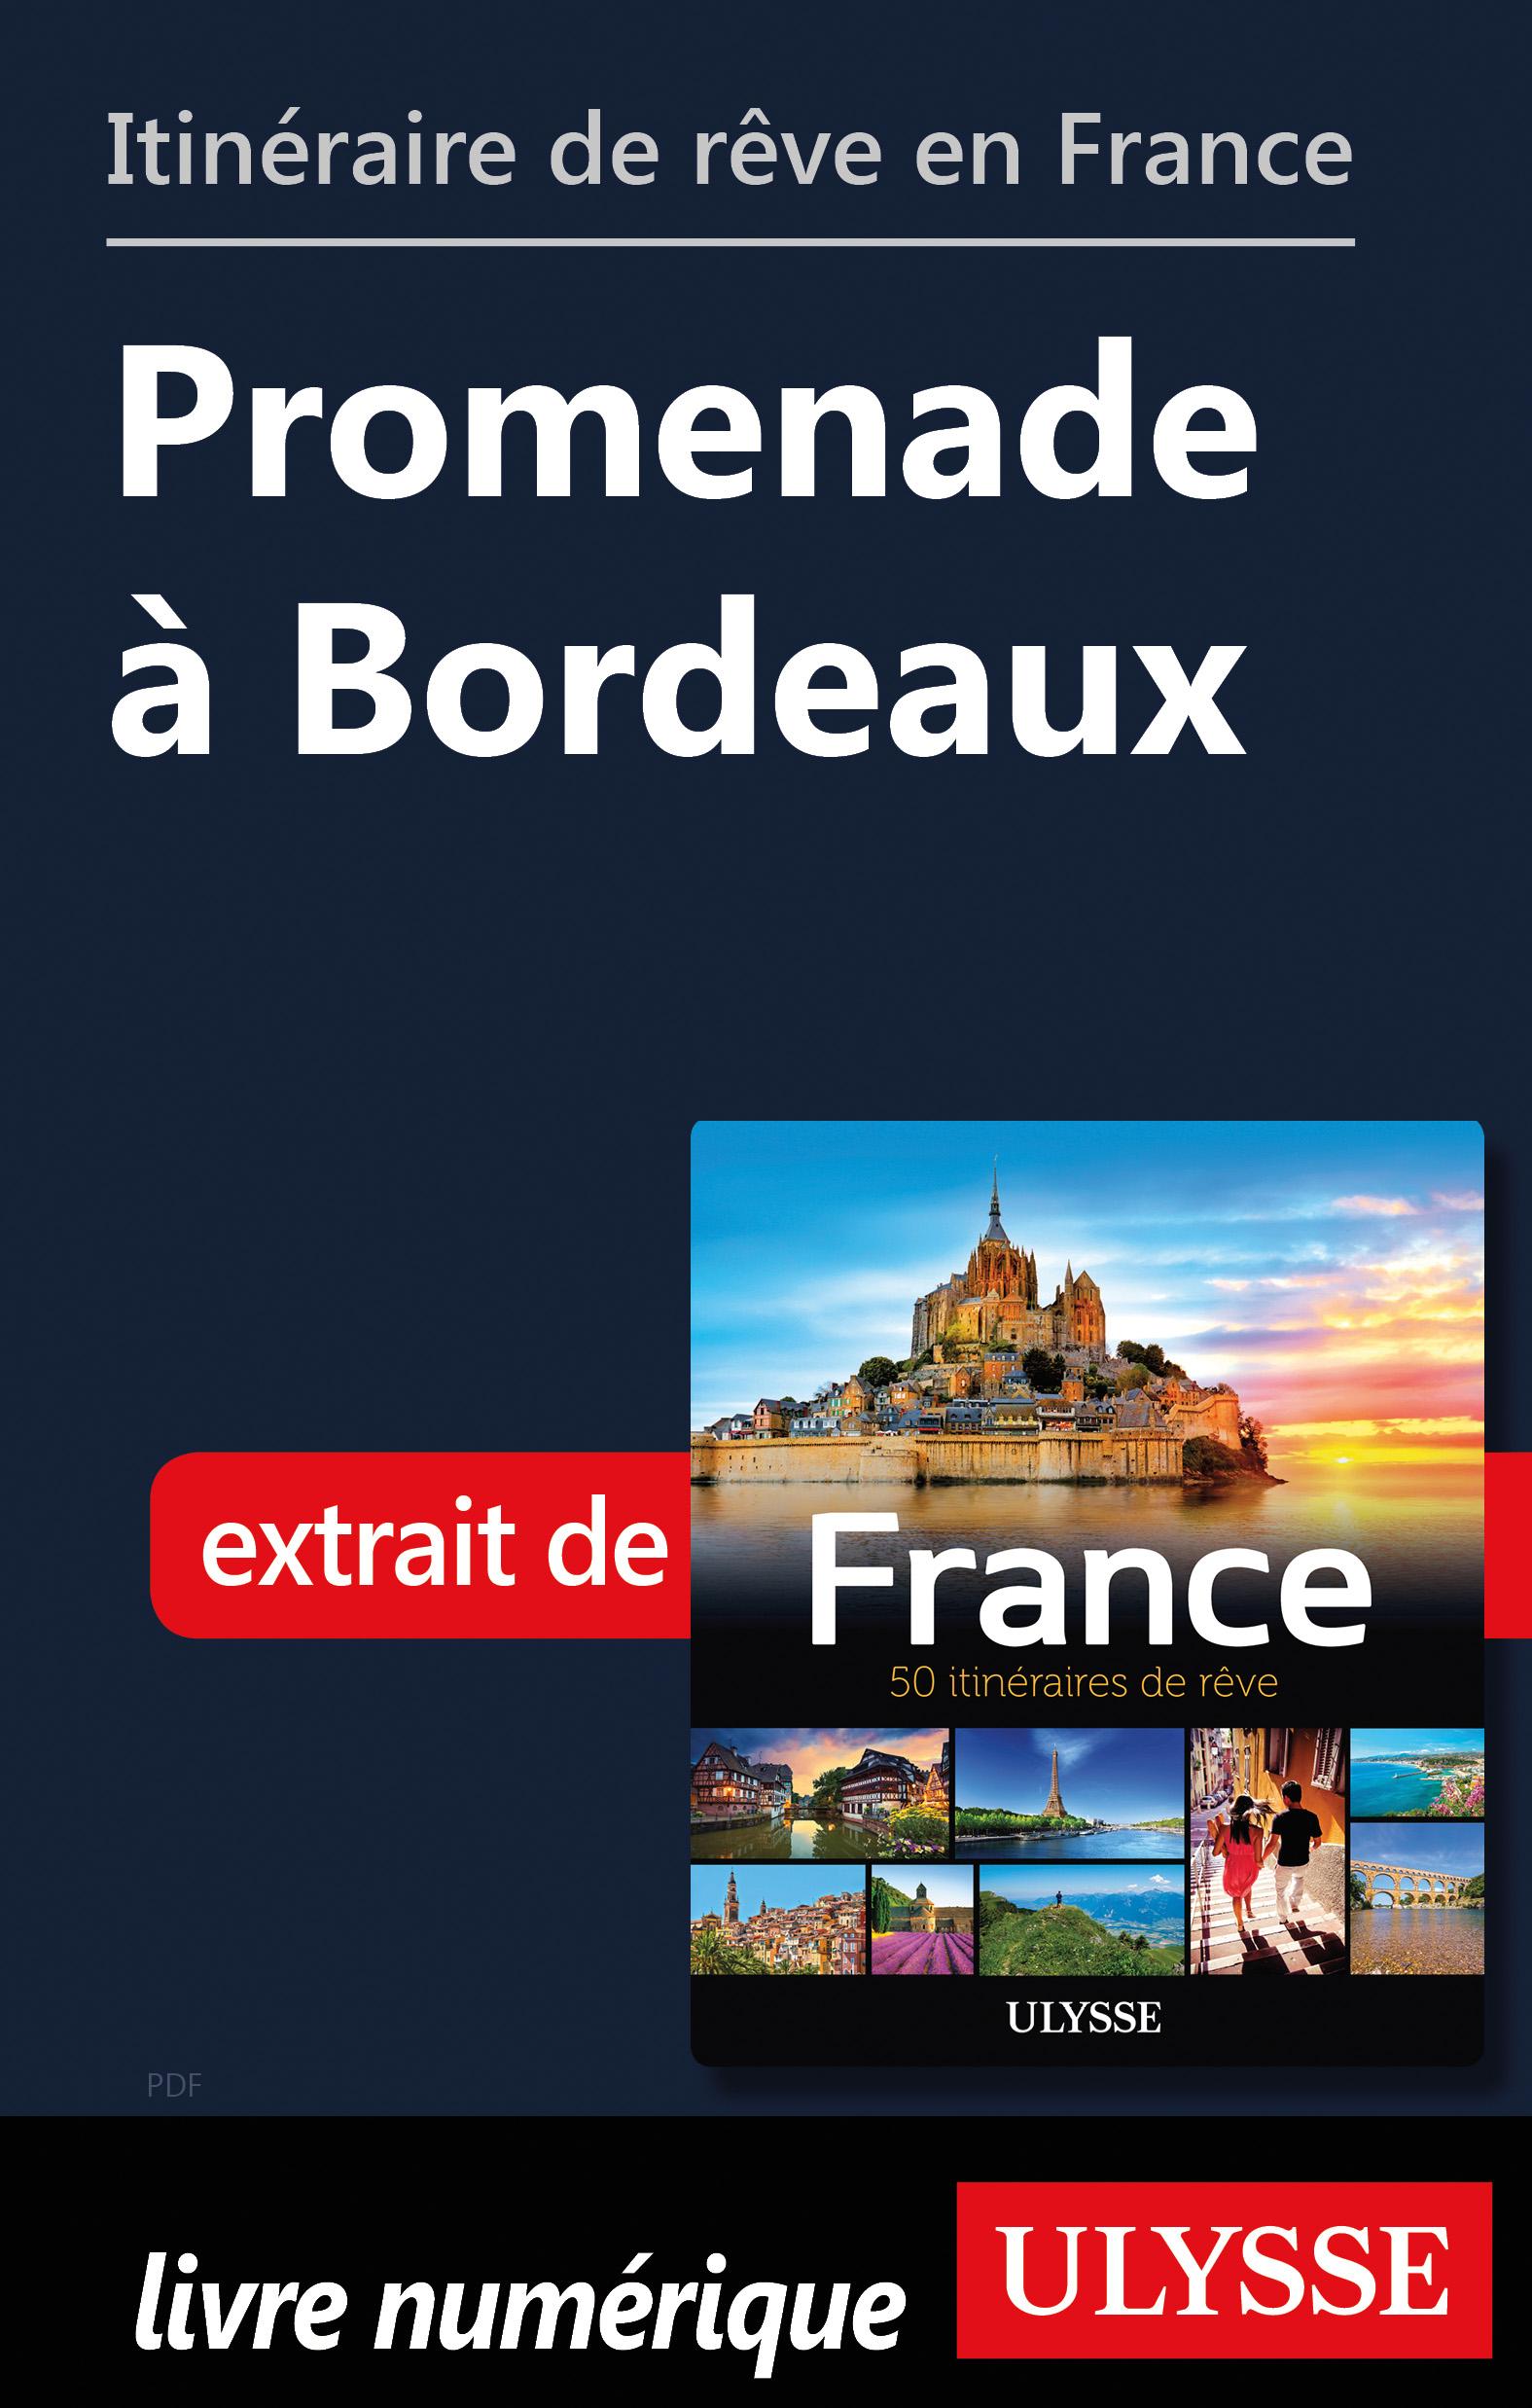 Itinéraire de rêve en France - Promenade à Bordeaux